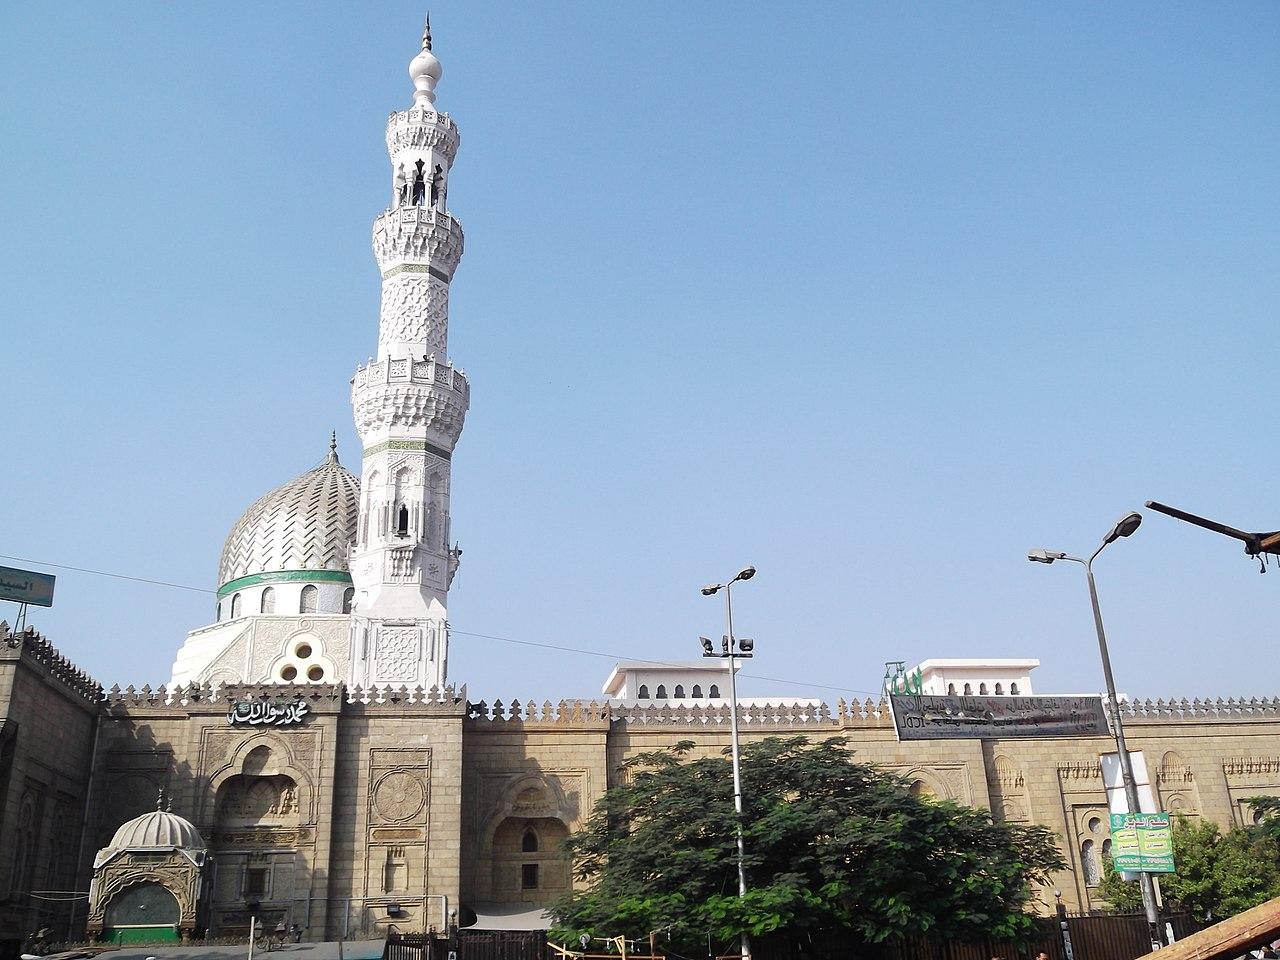 https://upload.wikimedia.org/wikipedia/commons/thumb/2/2c/Mosque_of_Sayeda_Zainab%2C_Cairo.JPG/1280px-Mosque_of_Sayeda_Zainab%2C_Cairo.JPG